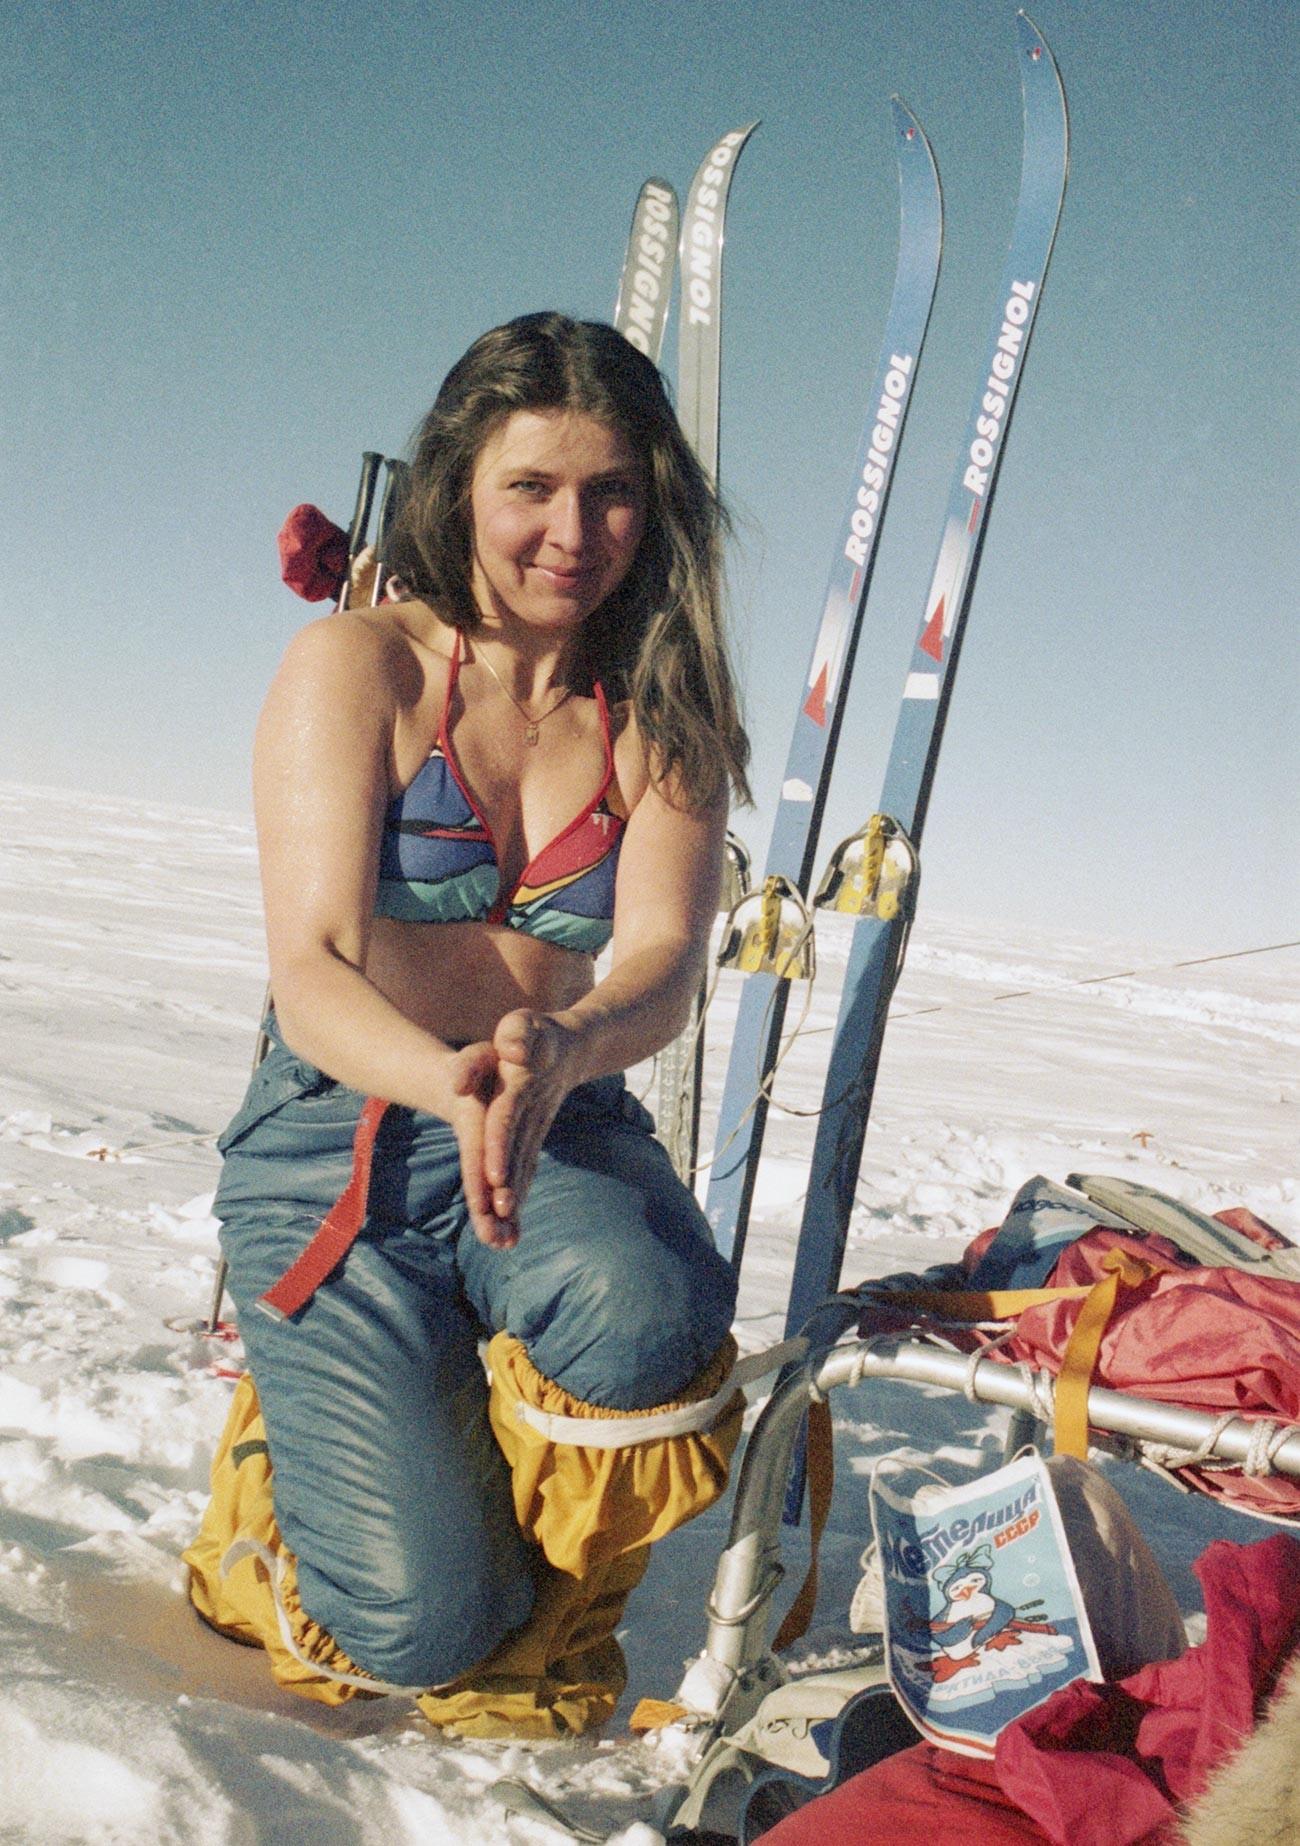 Антарктида. 14 септември 1989 година. Участник в женската научна и спортна антарктическа експедиция